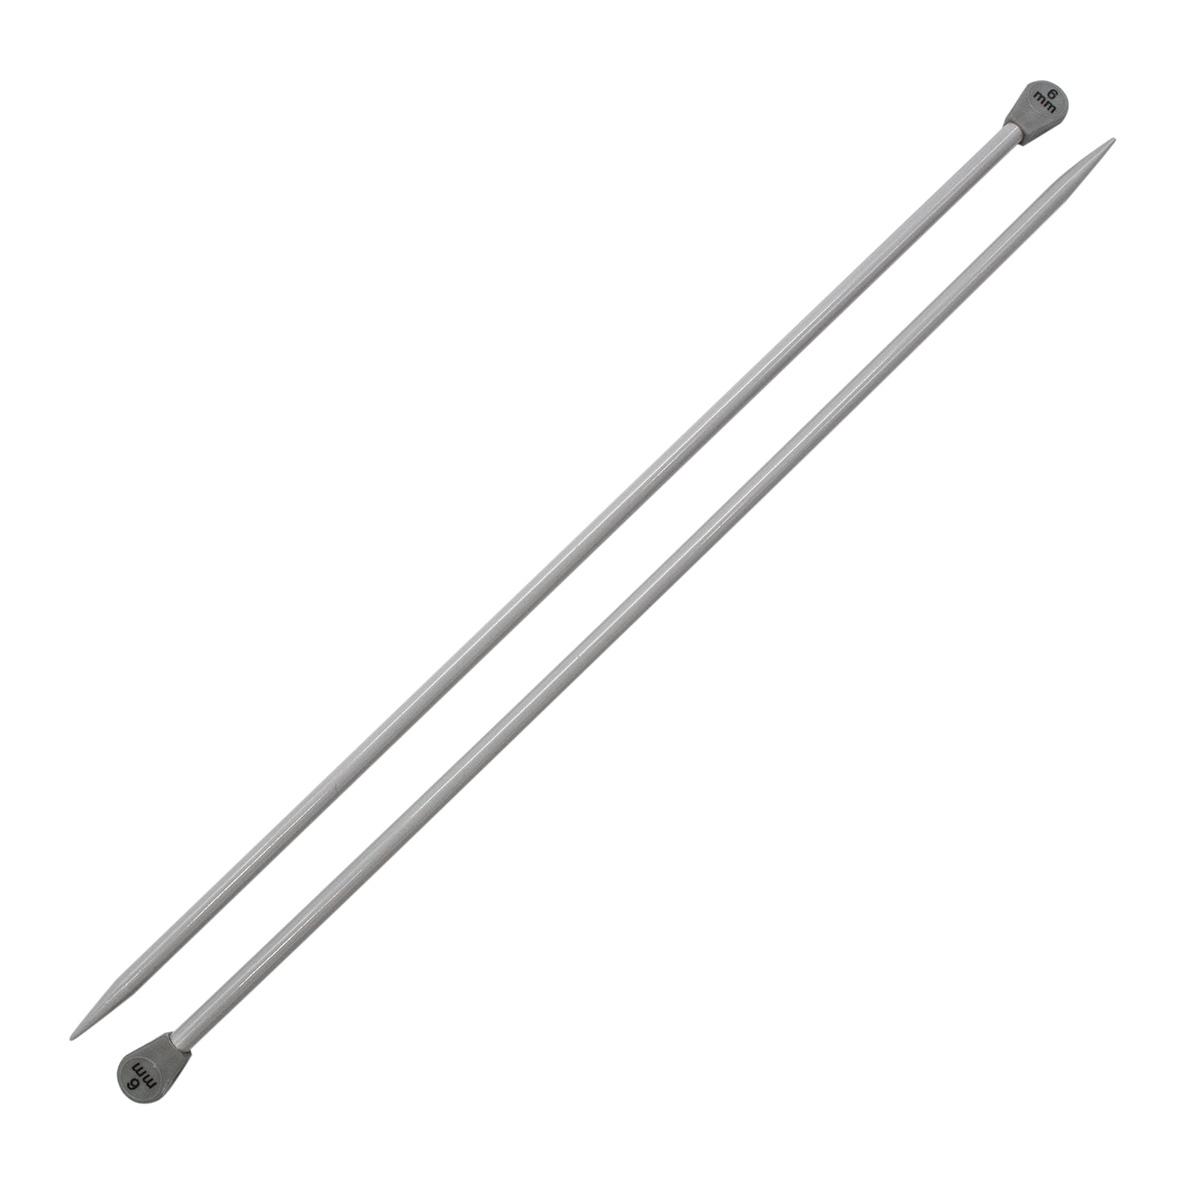 Спицы прямые алюминиевые с покрытием 940260/940206, 35 см, 6,0 мм, Hobby&Pro